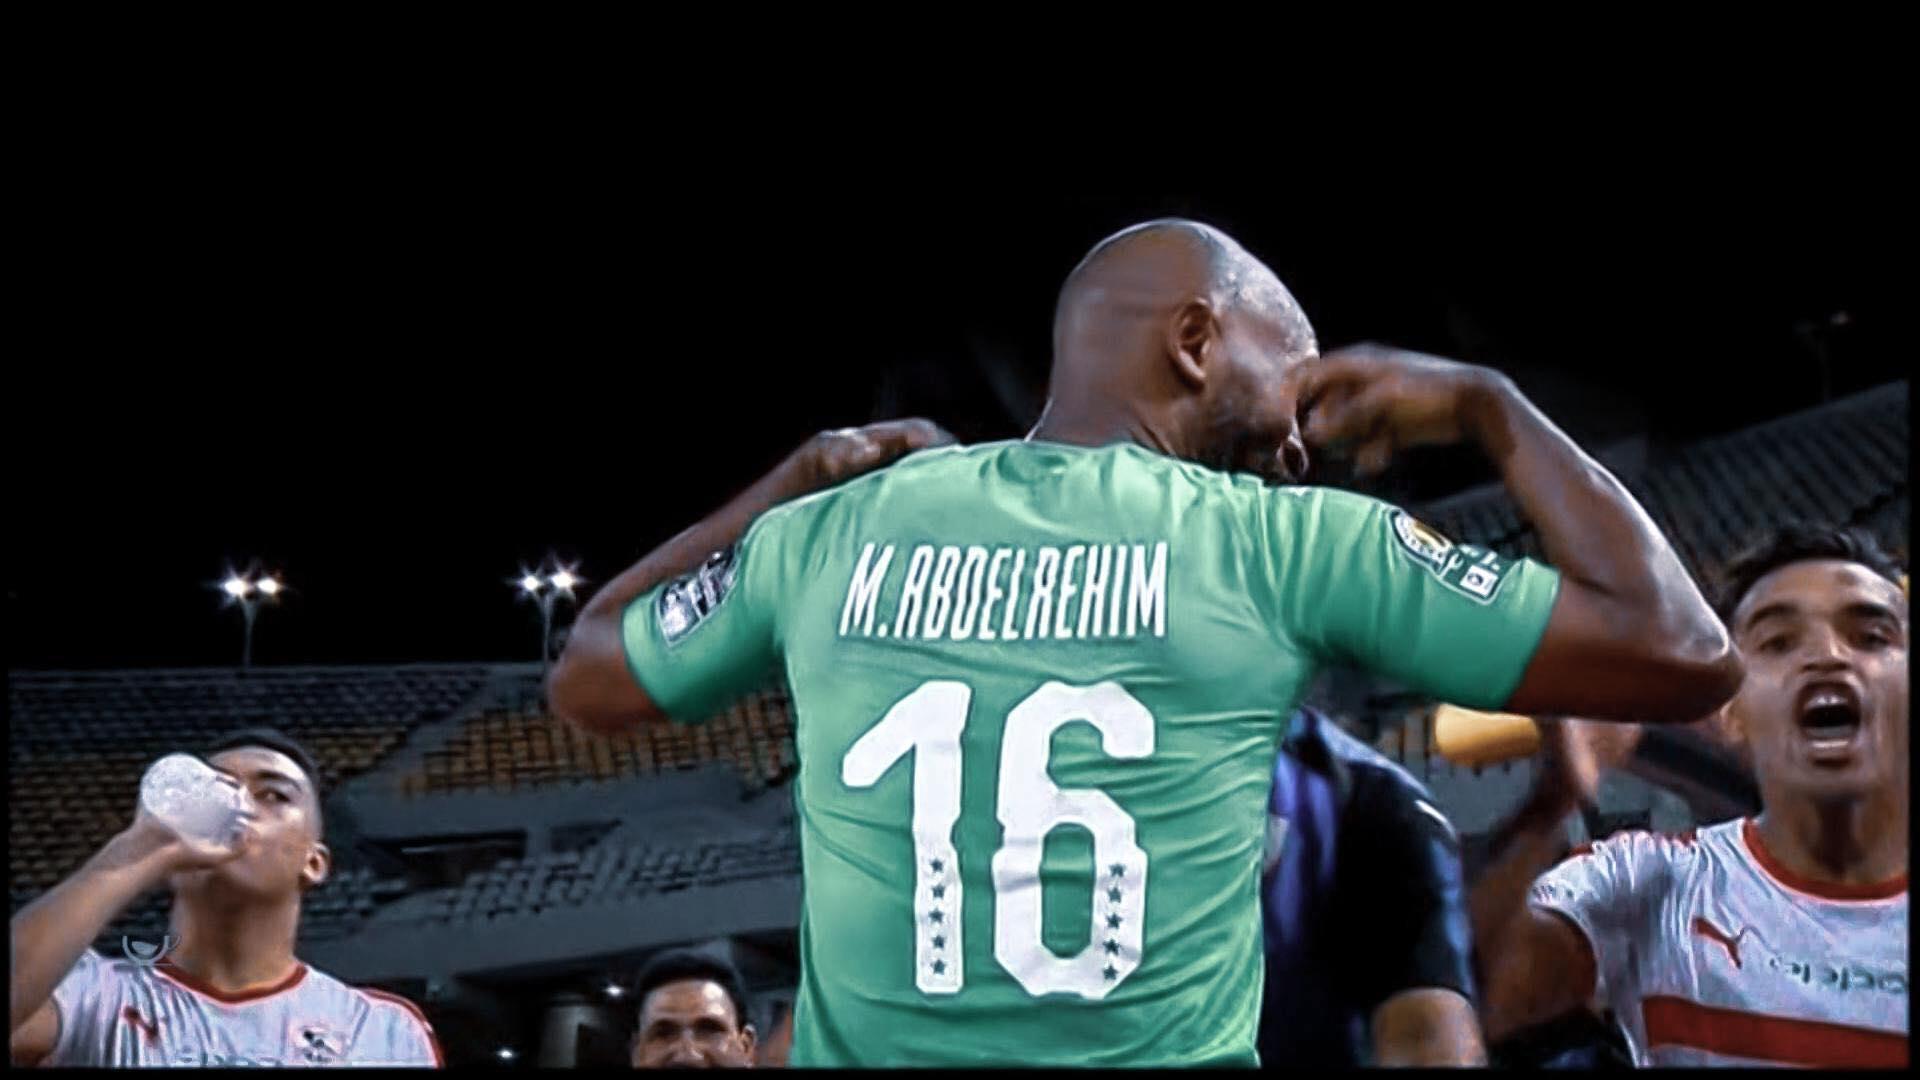 أهداف فوز الزمالك على بيراميدز 3-0 في نهائي كأس مصر